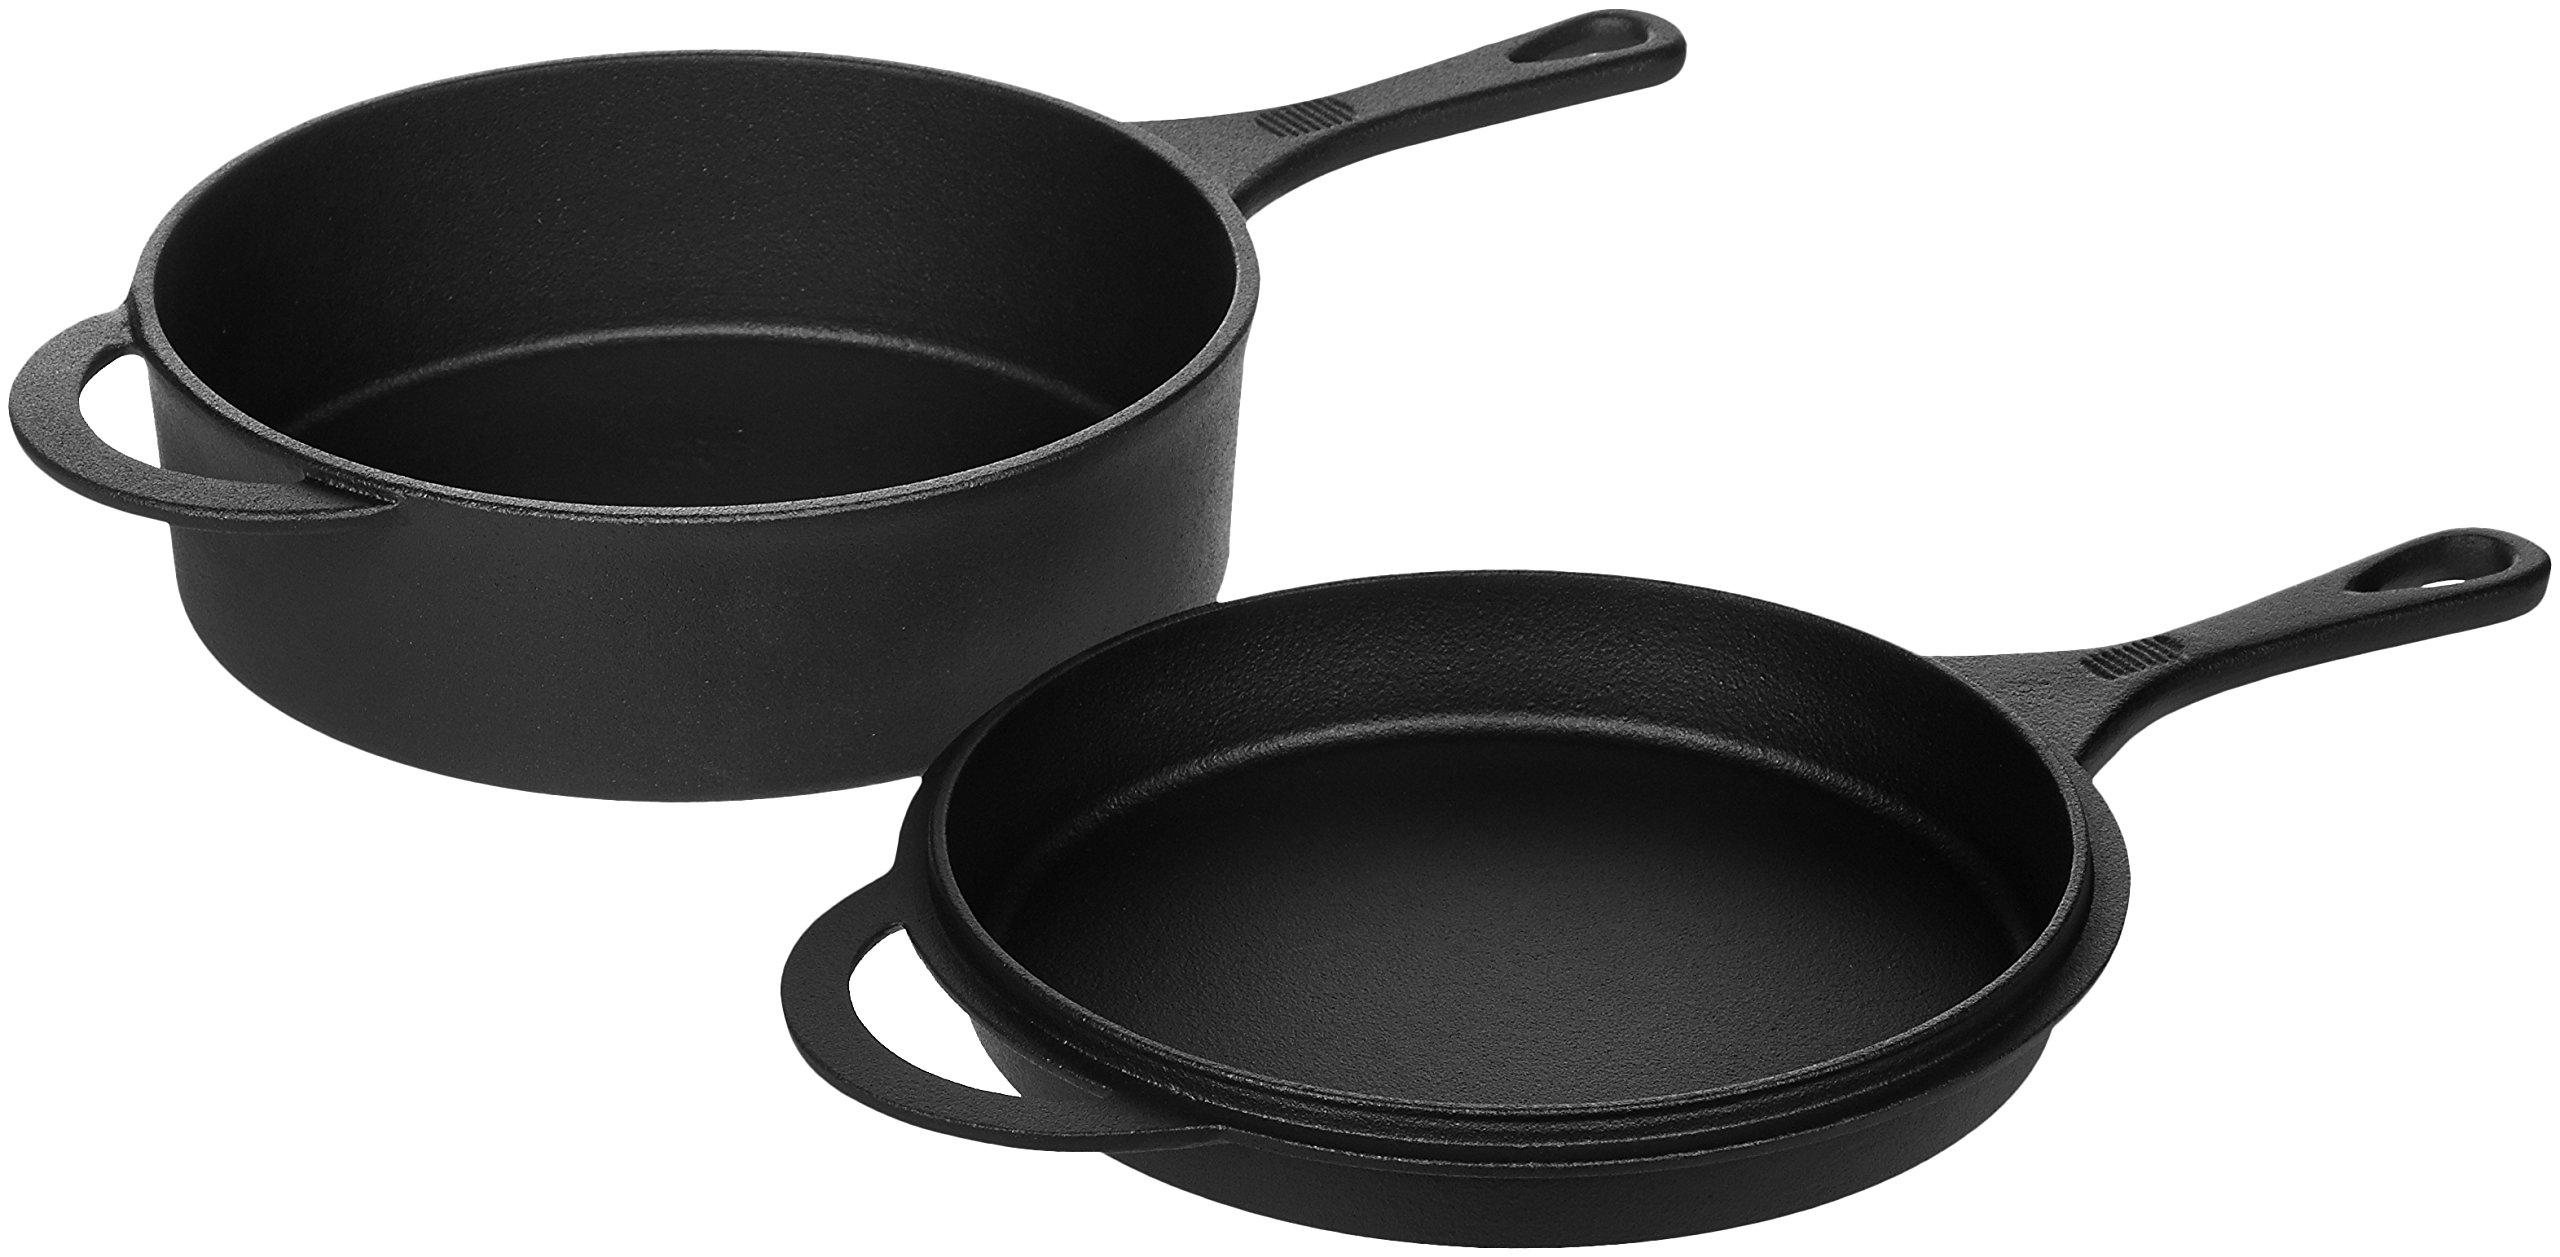 AmazonBasics - Juego de sartén y horno holandés en hierro fundido ...